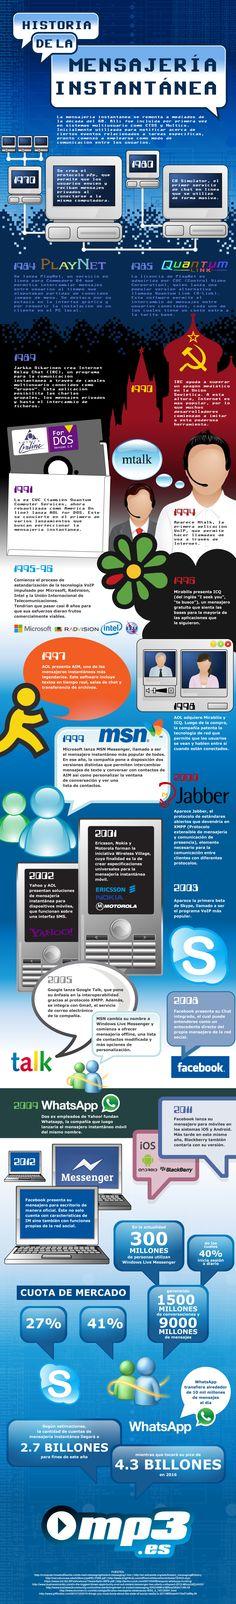 La historia de la mensajería instantánea #infografia